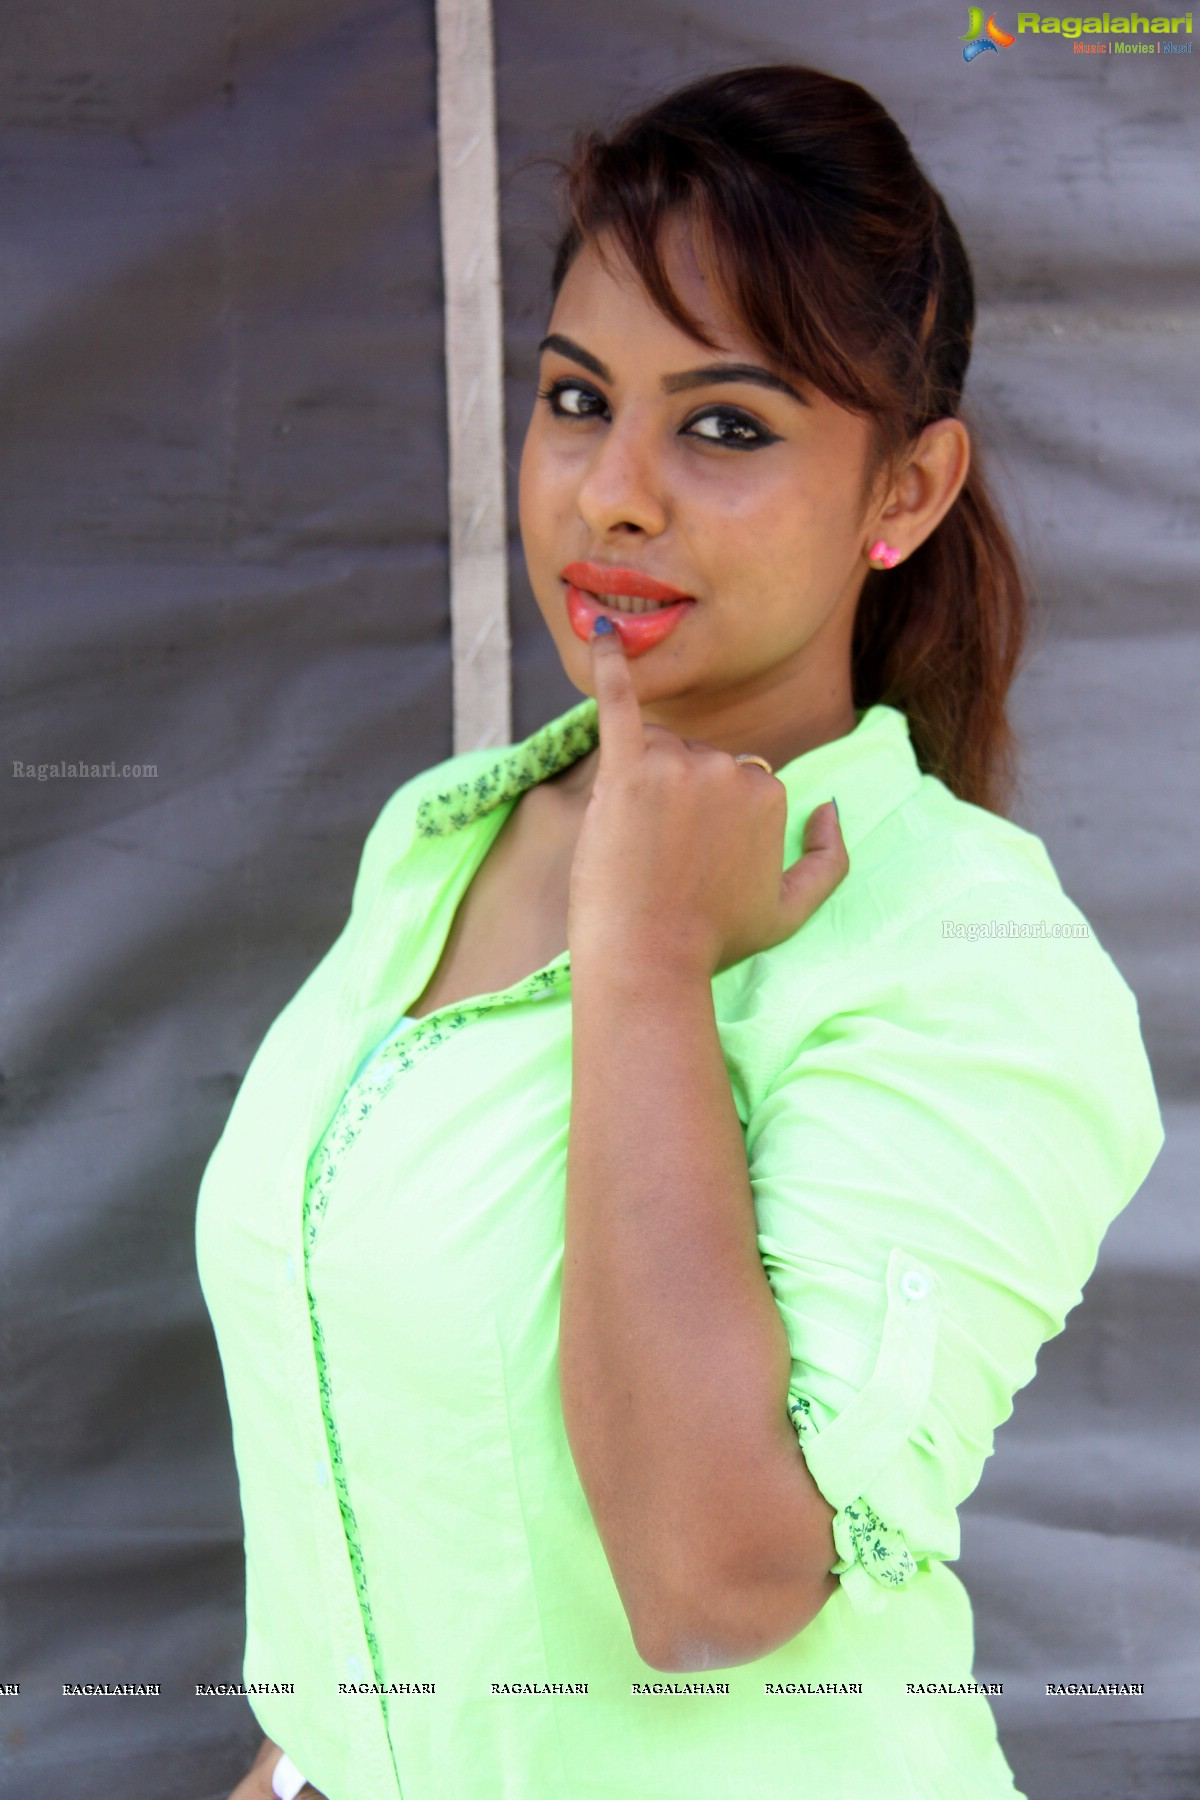 Srilekha Reddy